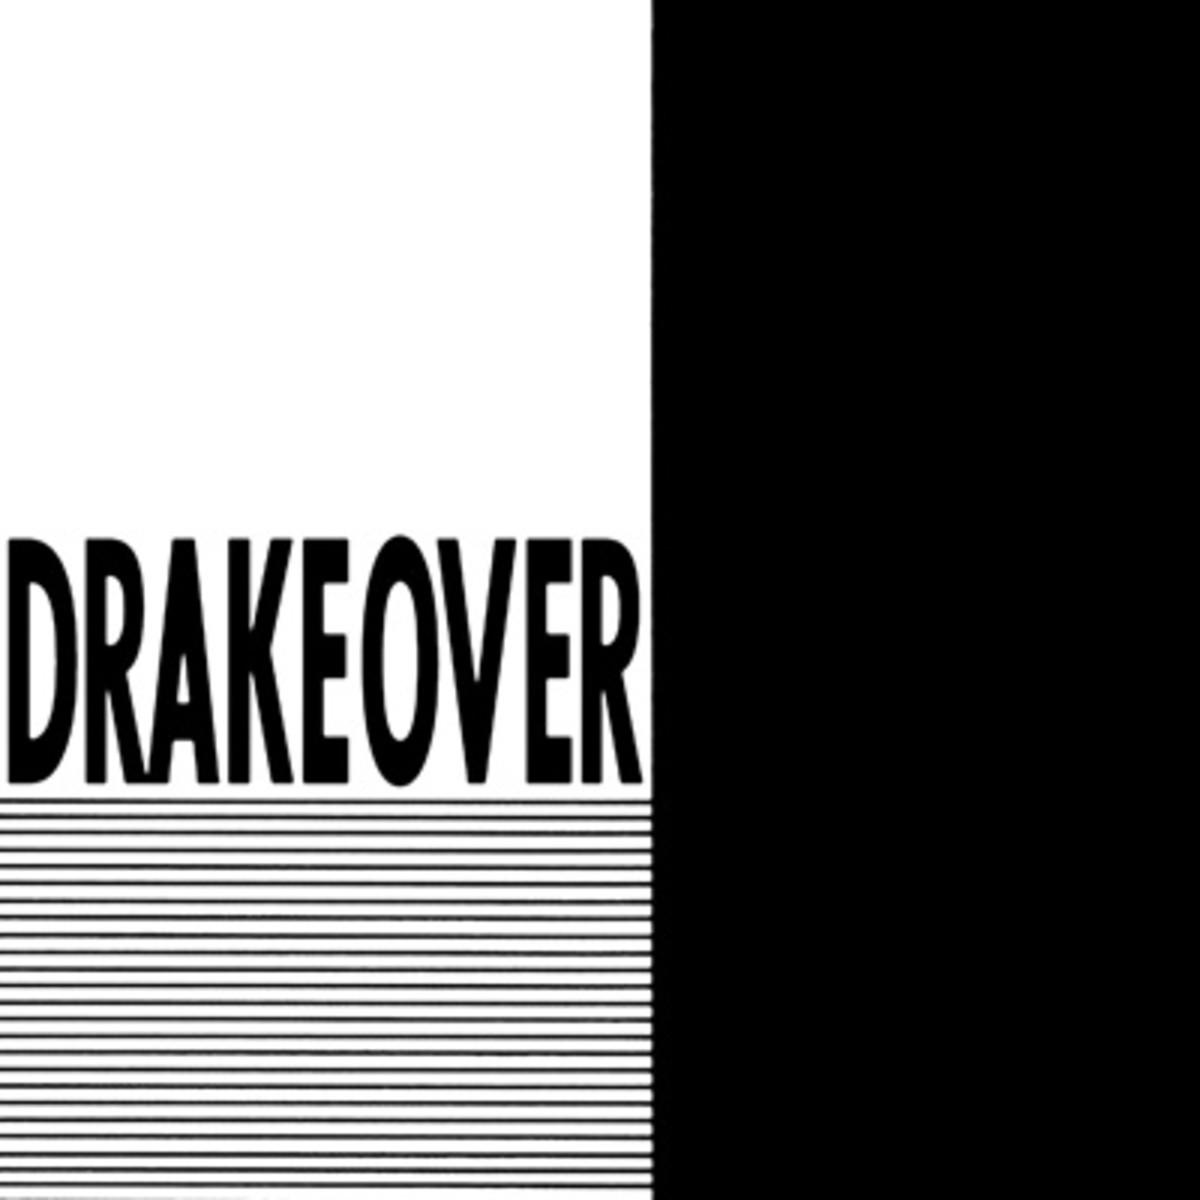 drake-over.jpg